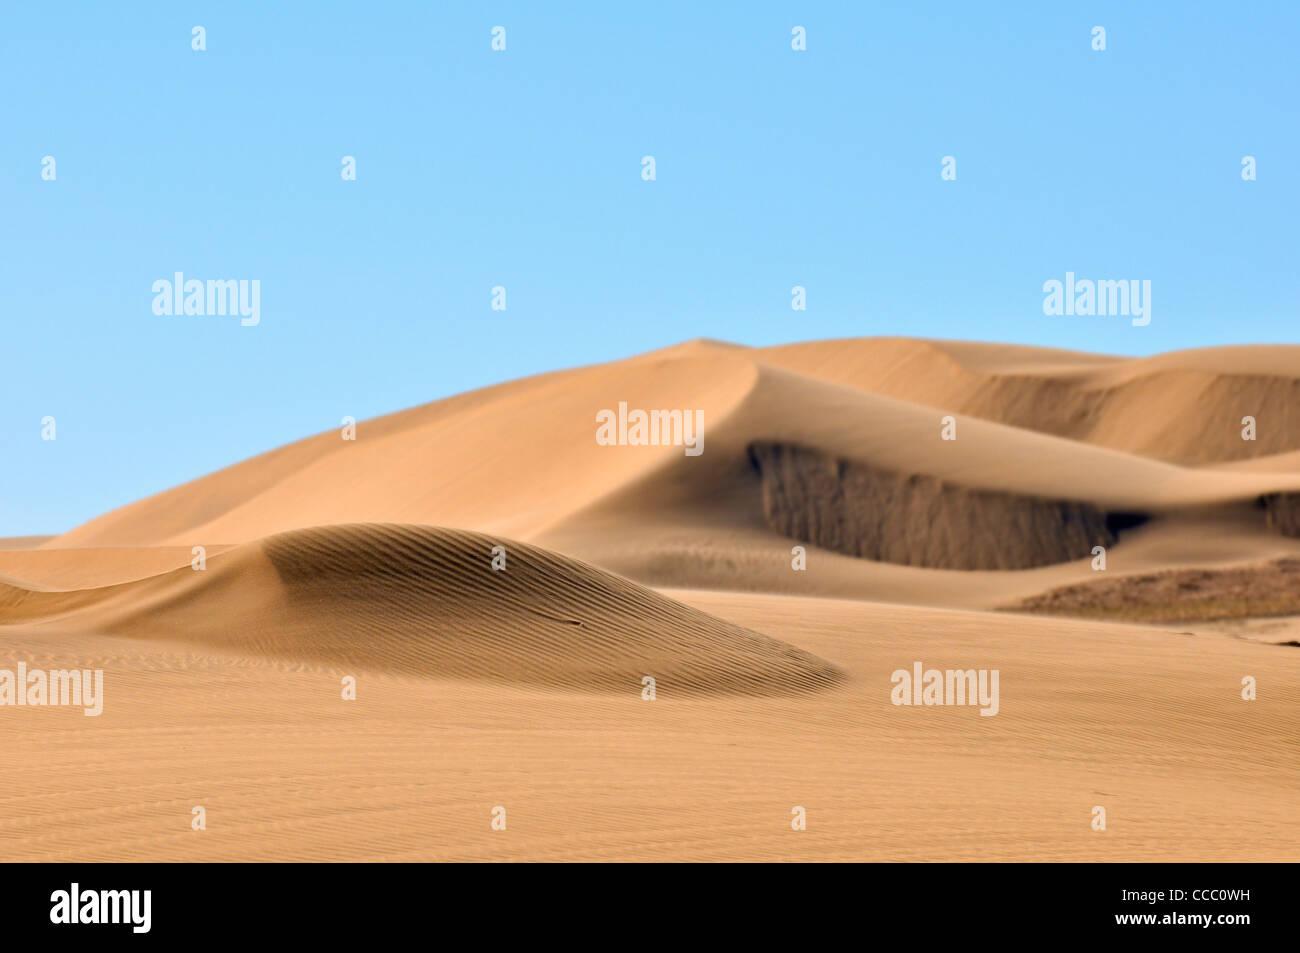 Les ondulations du sable sur les dunes du désert de Namib, Namibie Banque D'Images